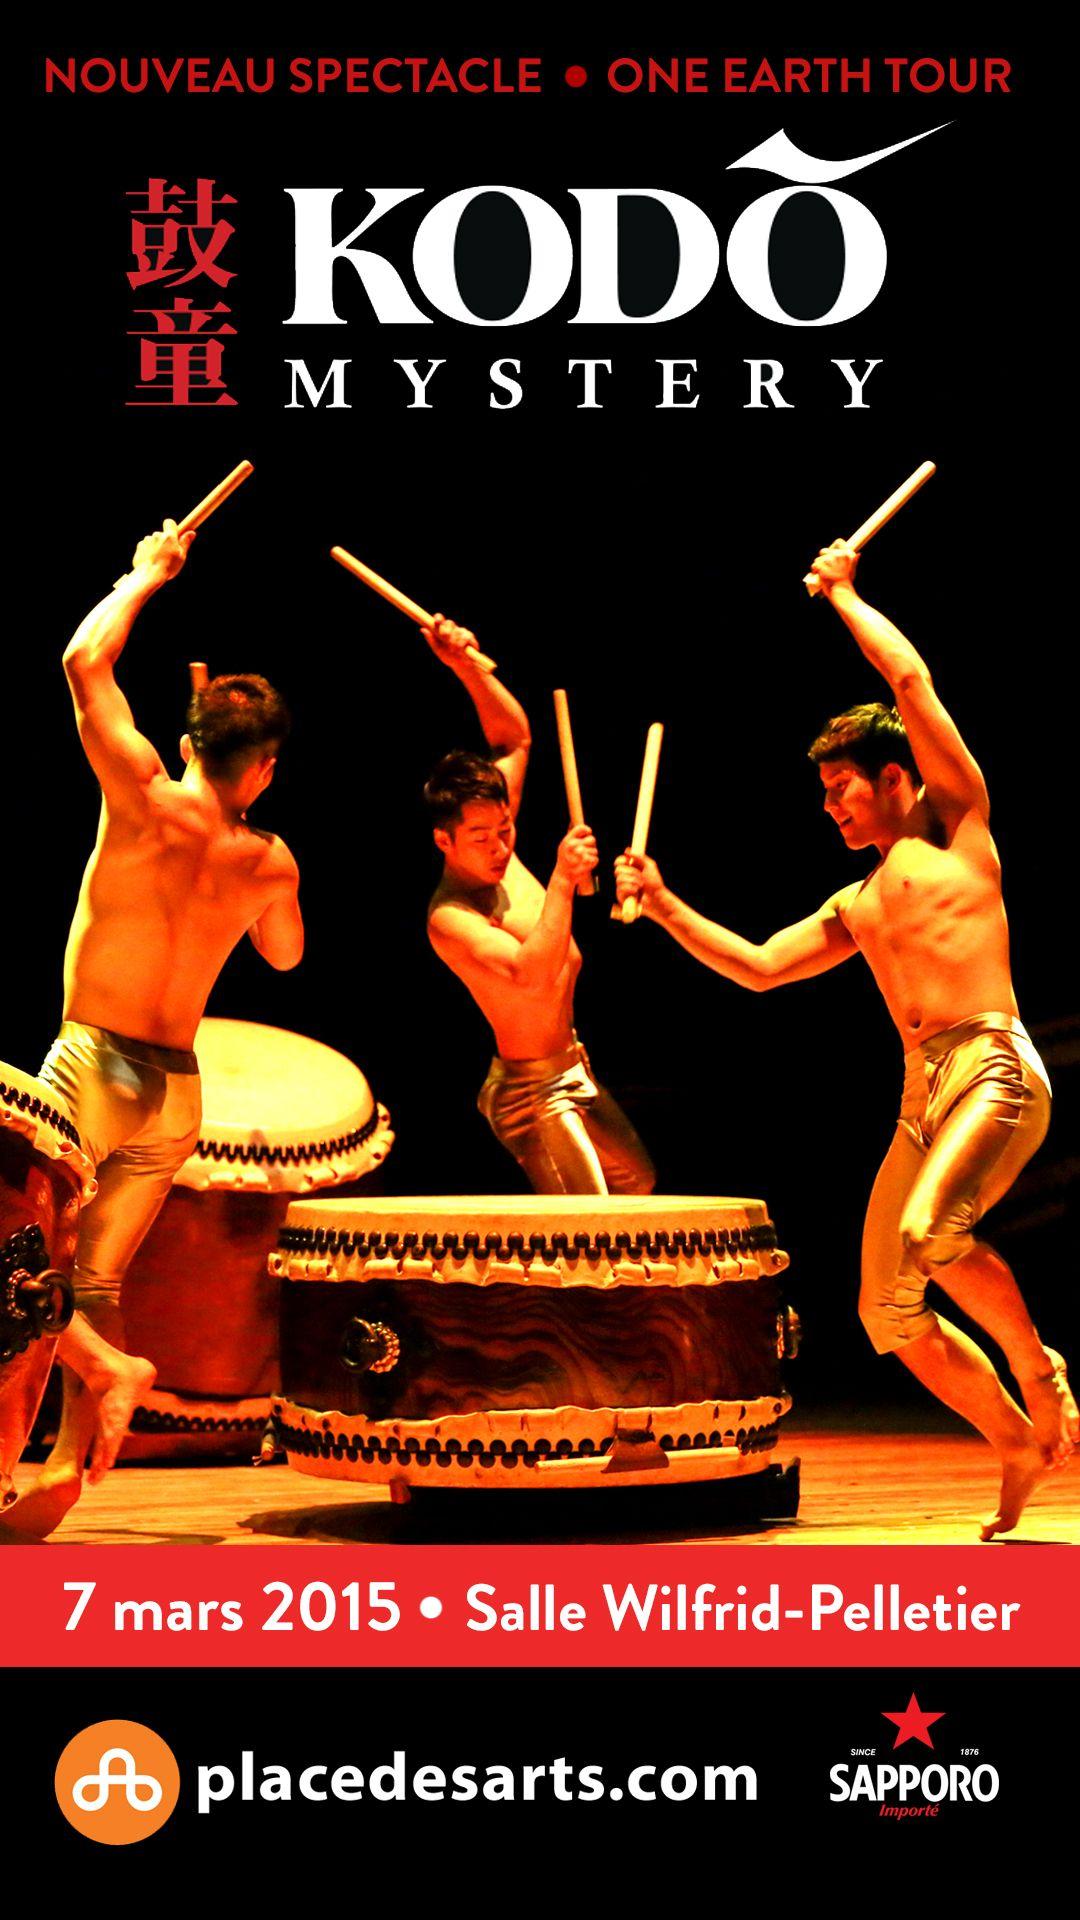 L'ÉLITE DES TAMBOURS JAPONAIS  La Place des Arts a le privilège de vous présenter MYSTERY, le nouveau spectacle de la troupe d'élite des tambours japonais, KODO, dans le cadre de sa tournée mondiale 2014.  De performance en performance, KODO perpétue et réinvente la tradition musicale japonaise, en explorant toutes les possibilités expressives offertes par le taiko, ce tambour de peau tendue sur bois utilisé dans les fêtes traditionnelles.